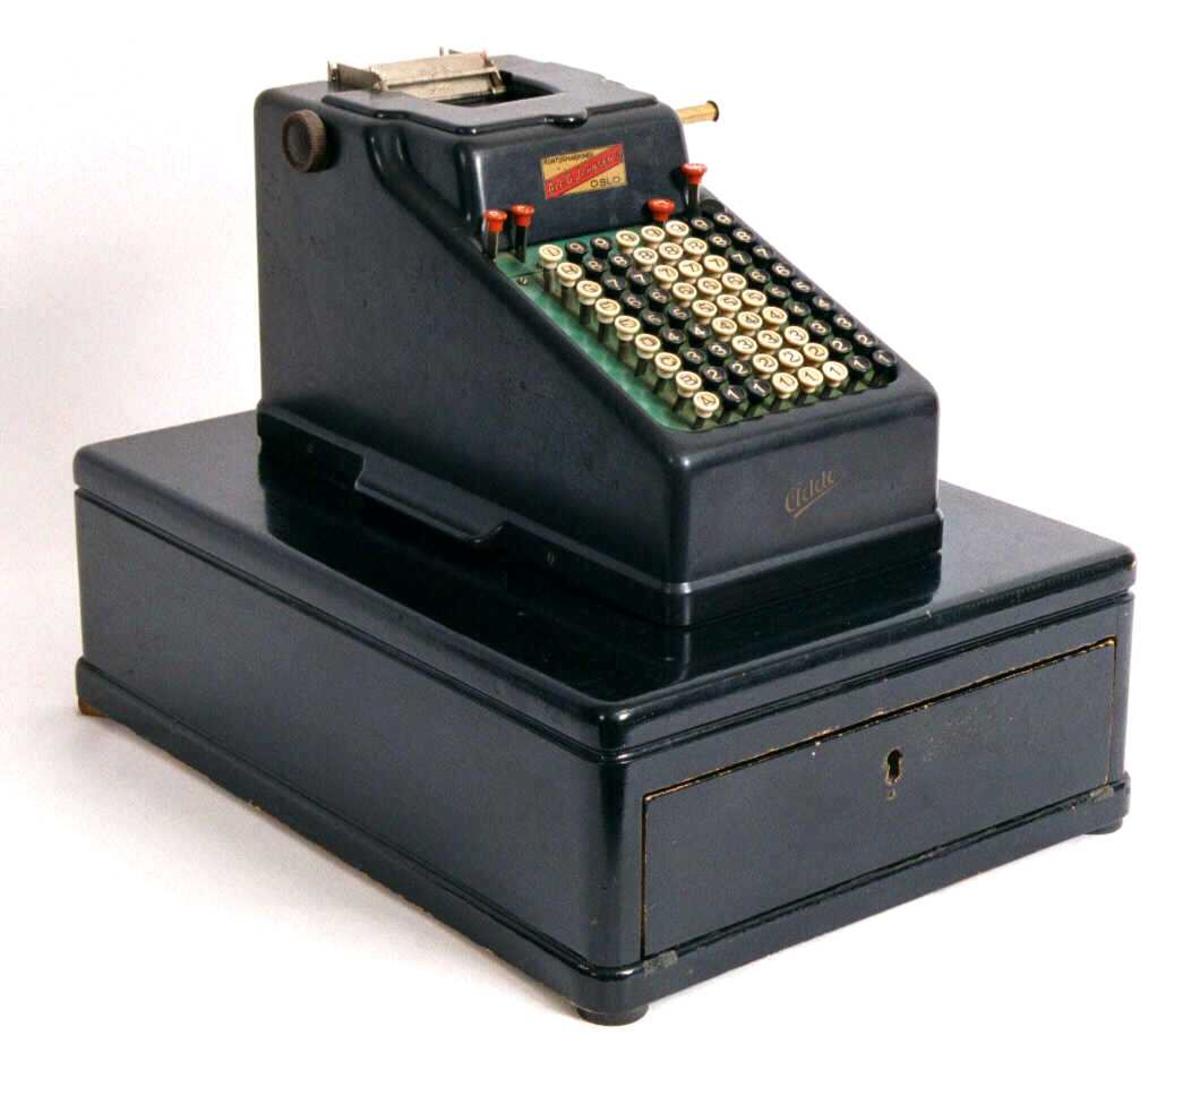 Form: Rektangulær kasse m. oppbygging for mekanisk regnemaskin m.m.